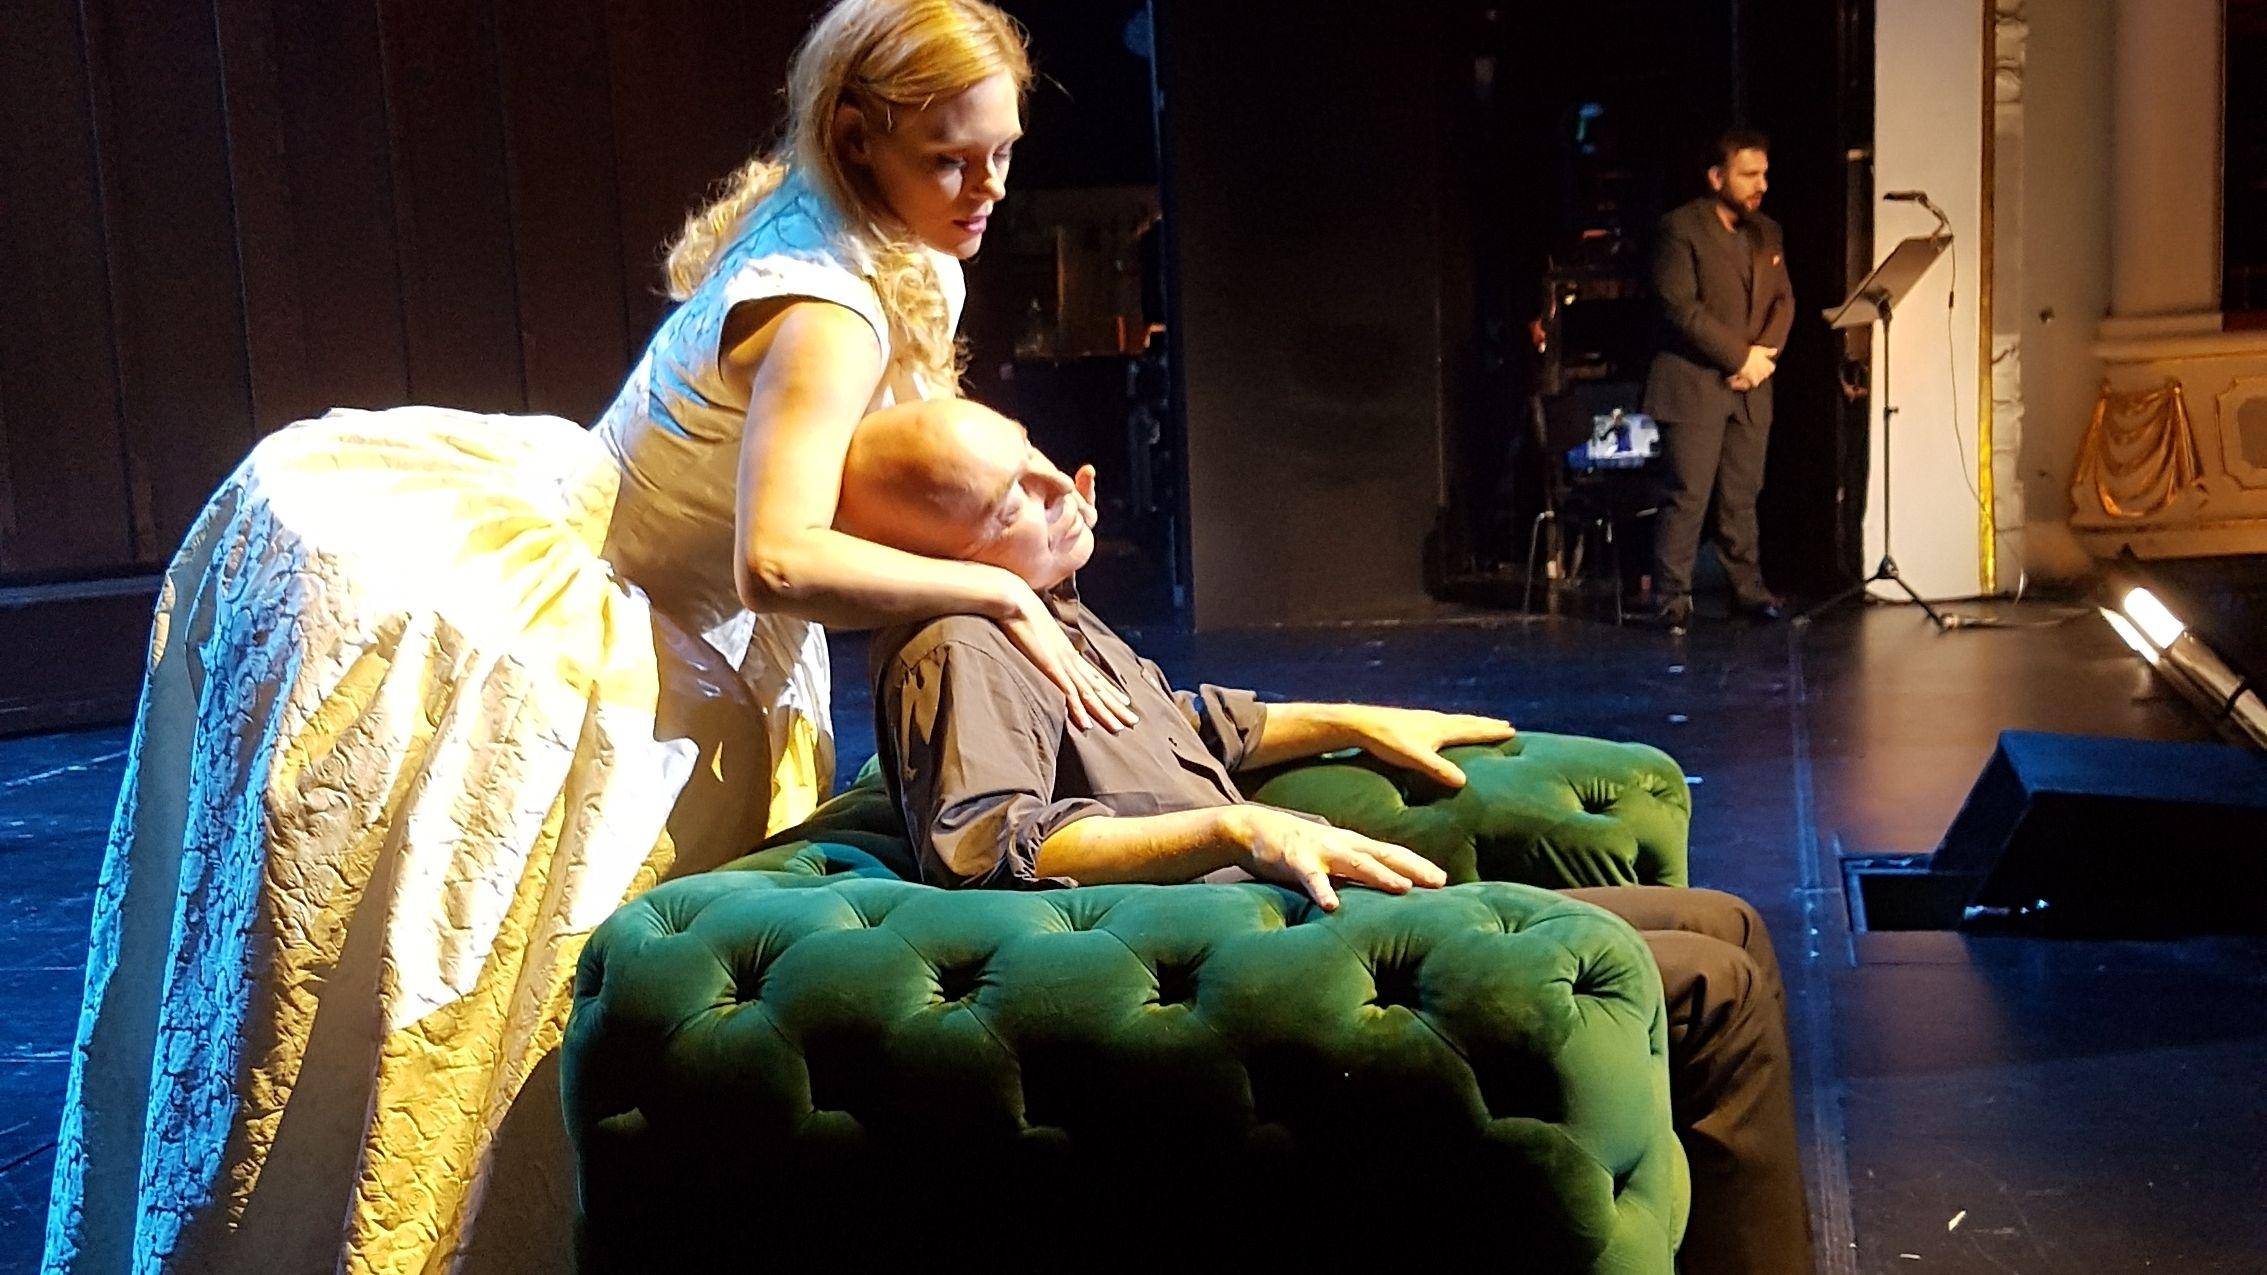 Don Carlos am Staatstheater Nürnberg: Staatsintendant Jens-Daniel Herzog in der Titelrolle, im Hintergrund ist der eingesprungene Tenor zu sehen